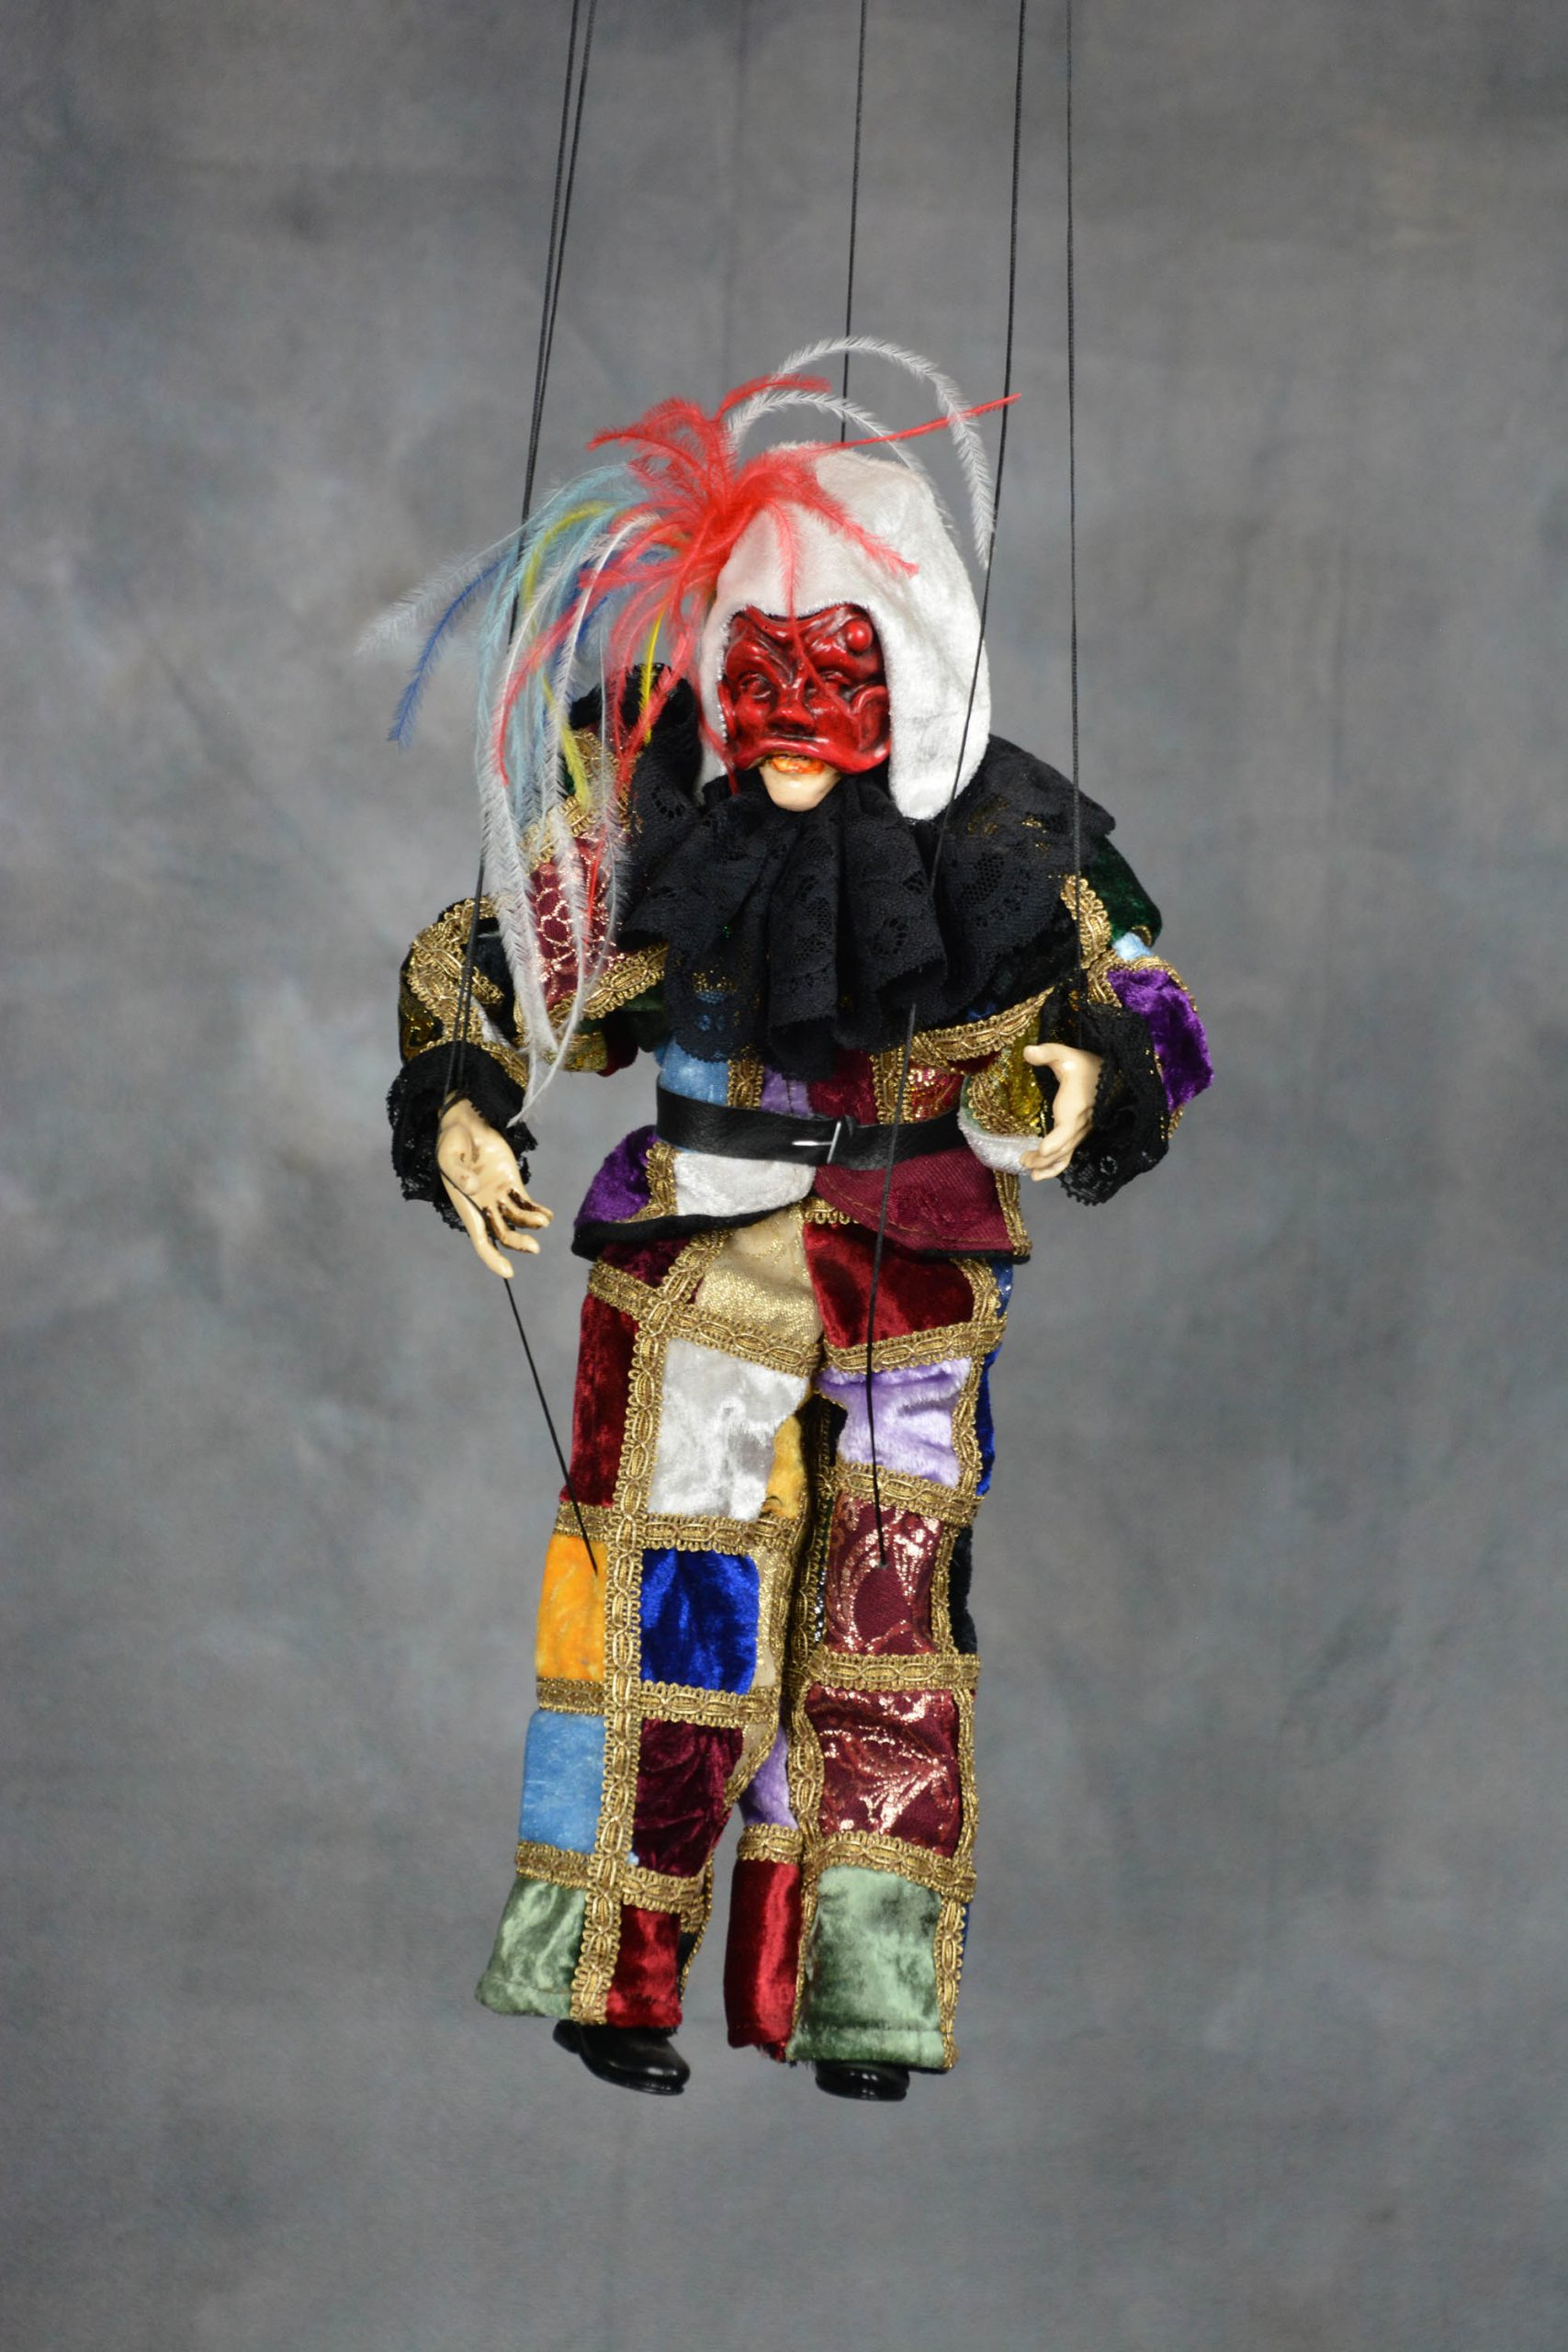 marionnette artisanale arlequin